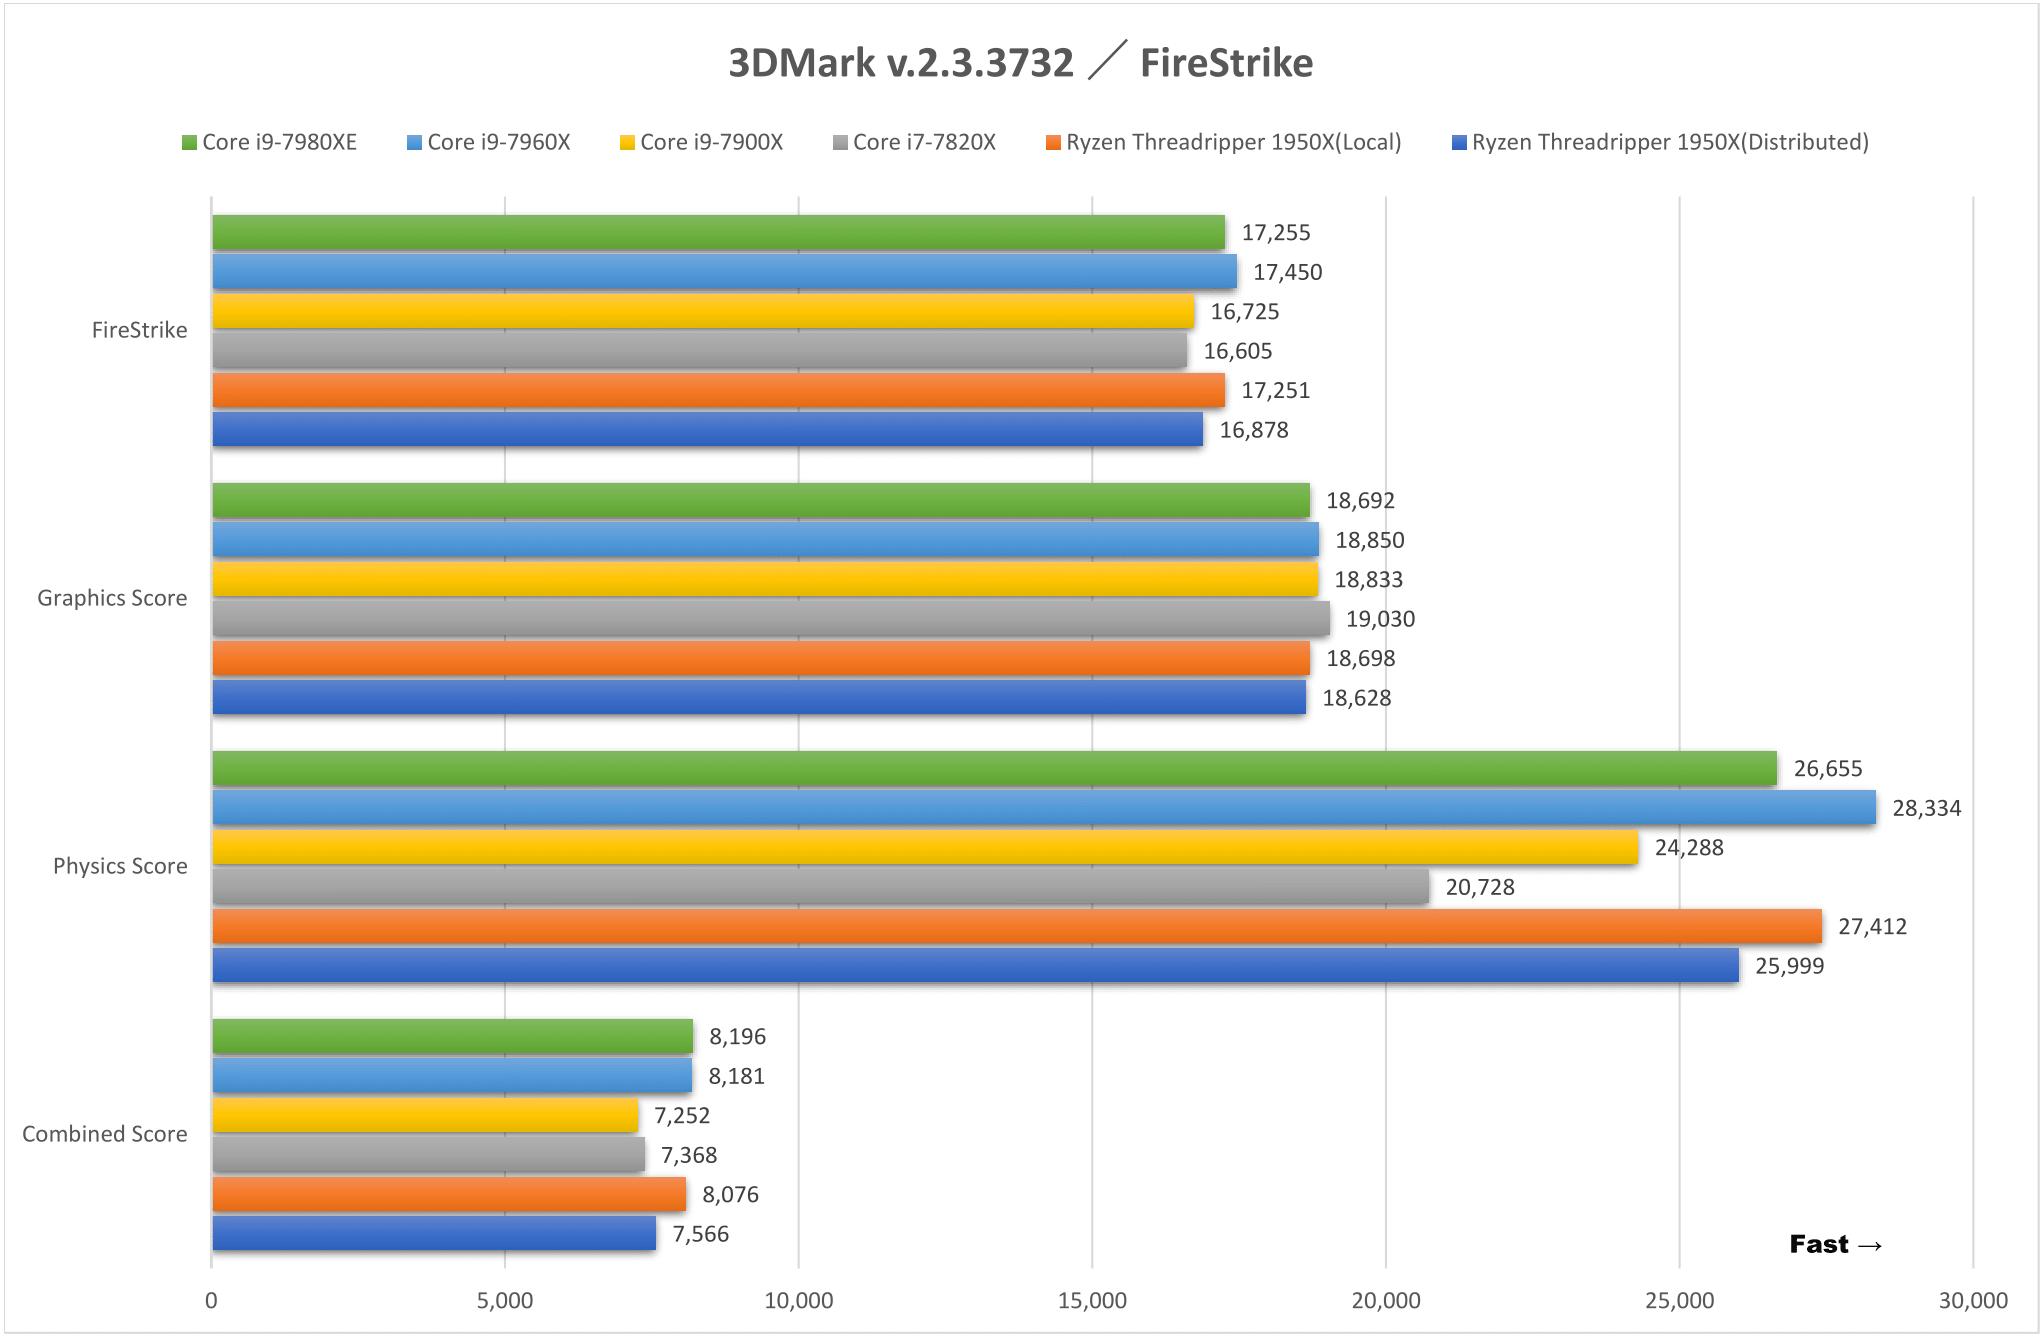 3DMark v.2.3.3732 / FireStrike